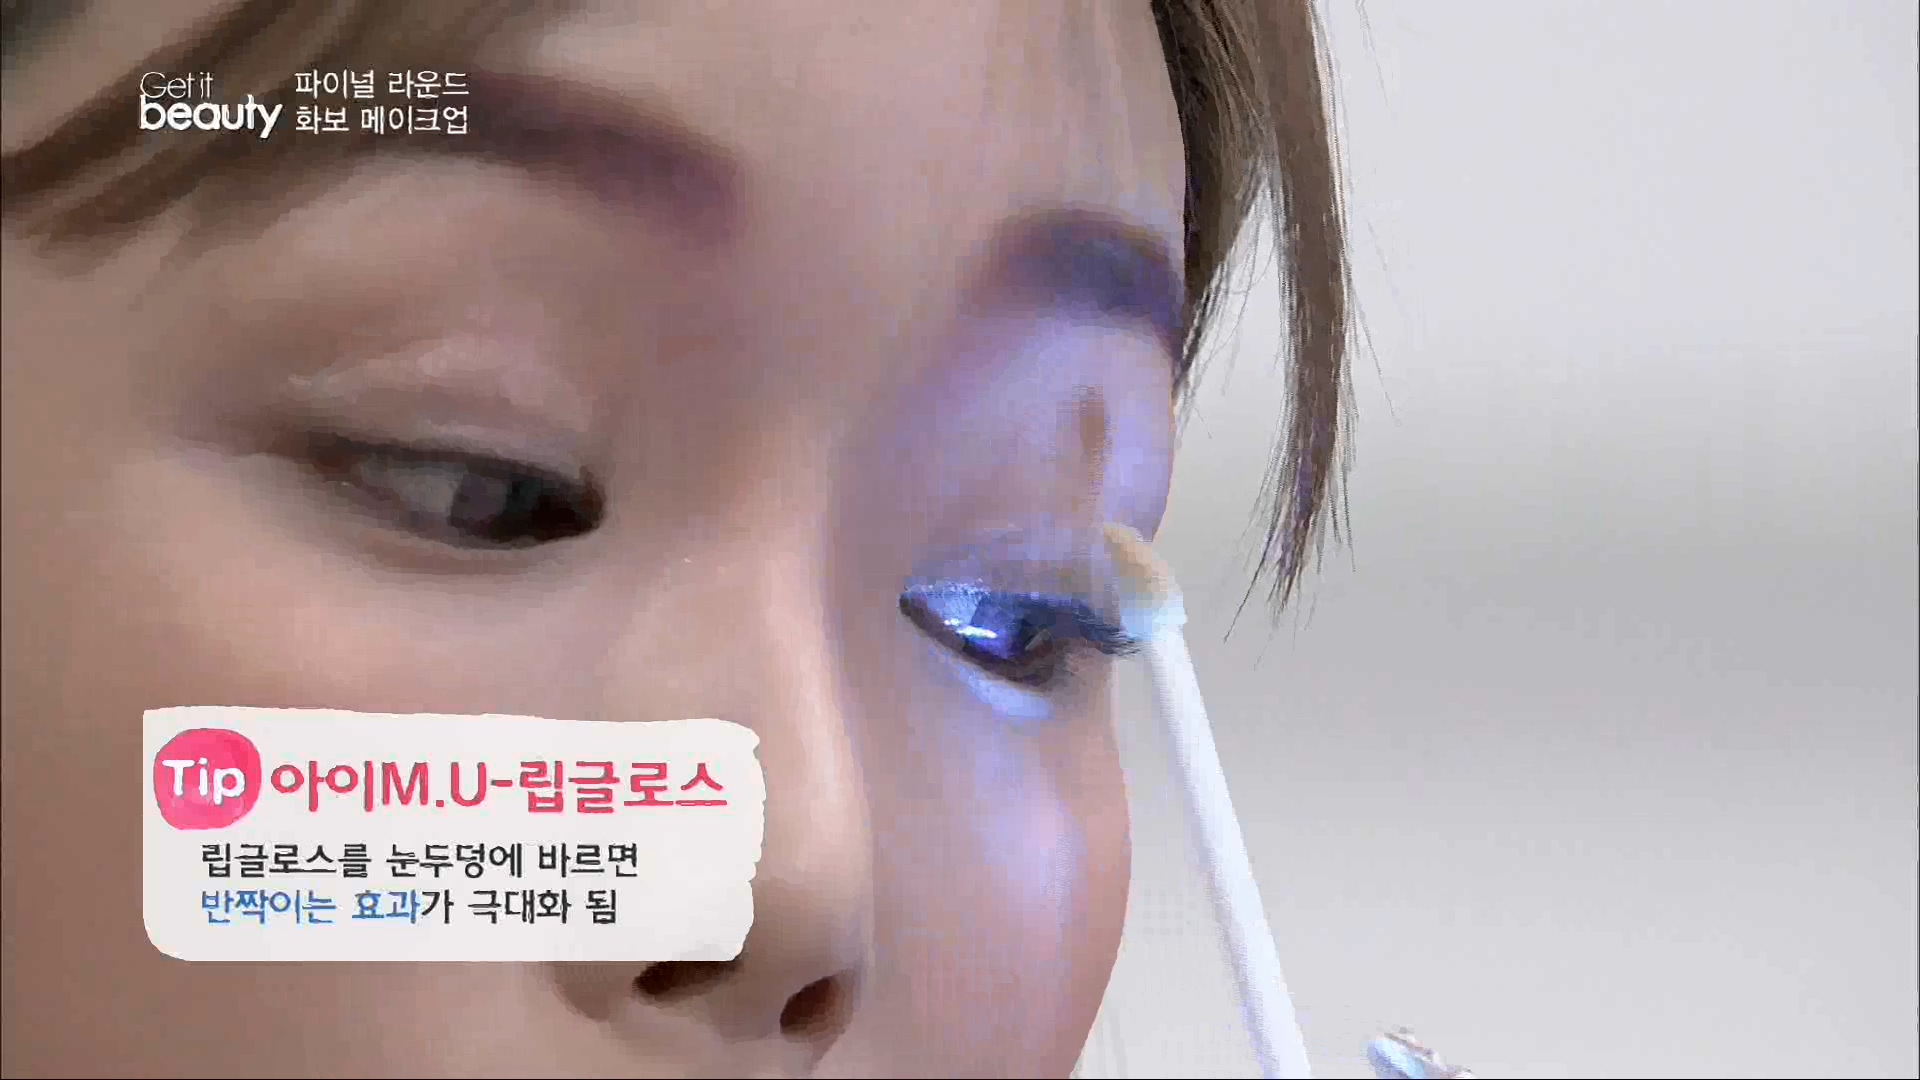 tip.아이 메이크업 - 립글로스 립글로스를 눈두덩에 바르면 반짝이는 효과가 극대화됨.